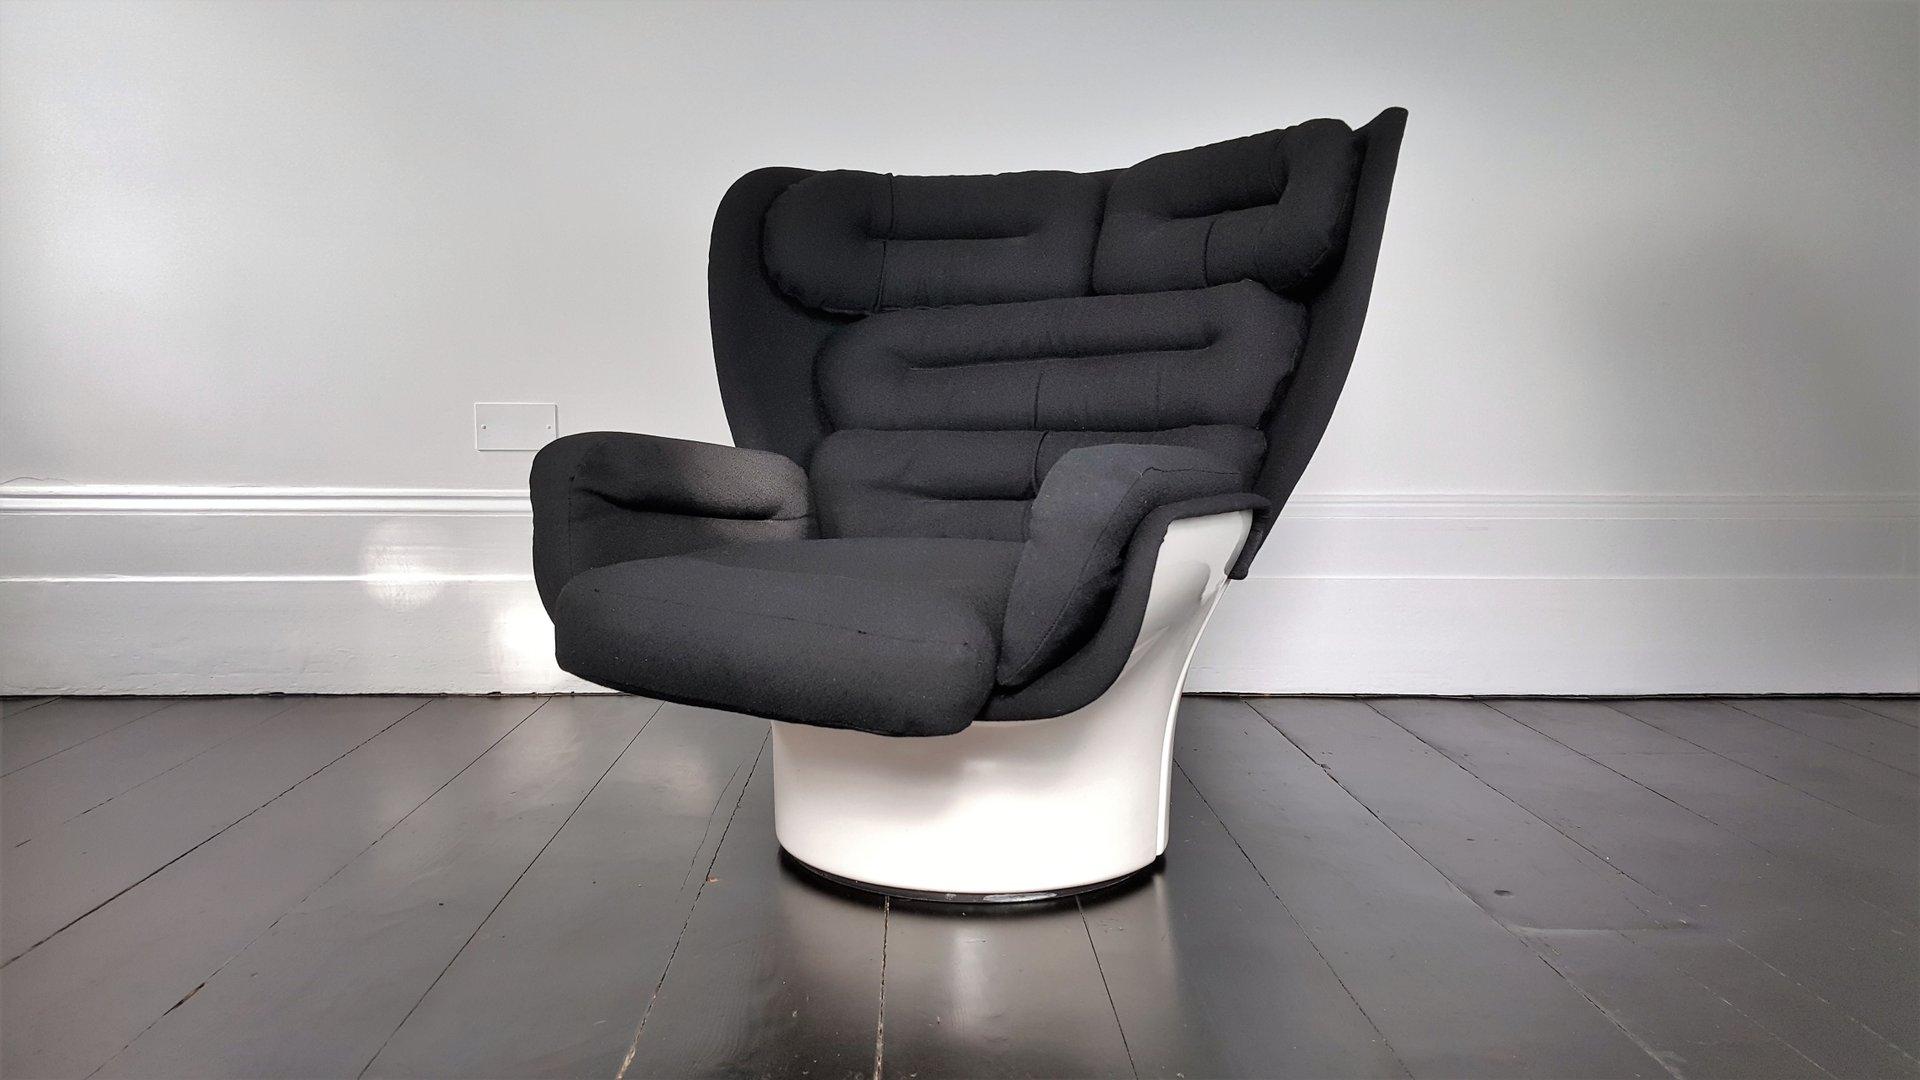 Inspirierend Tantra Stuhl Galerie Von Comfortable Elda Sessel Von Joe Colombo Fort